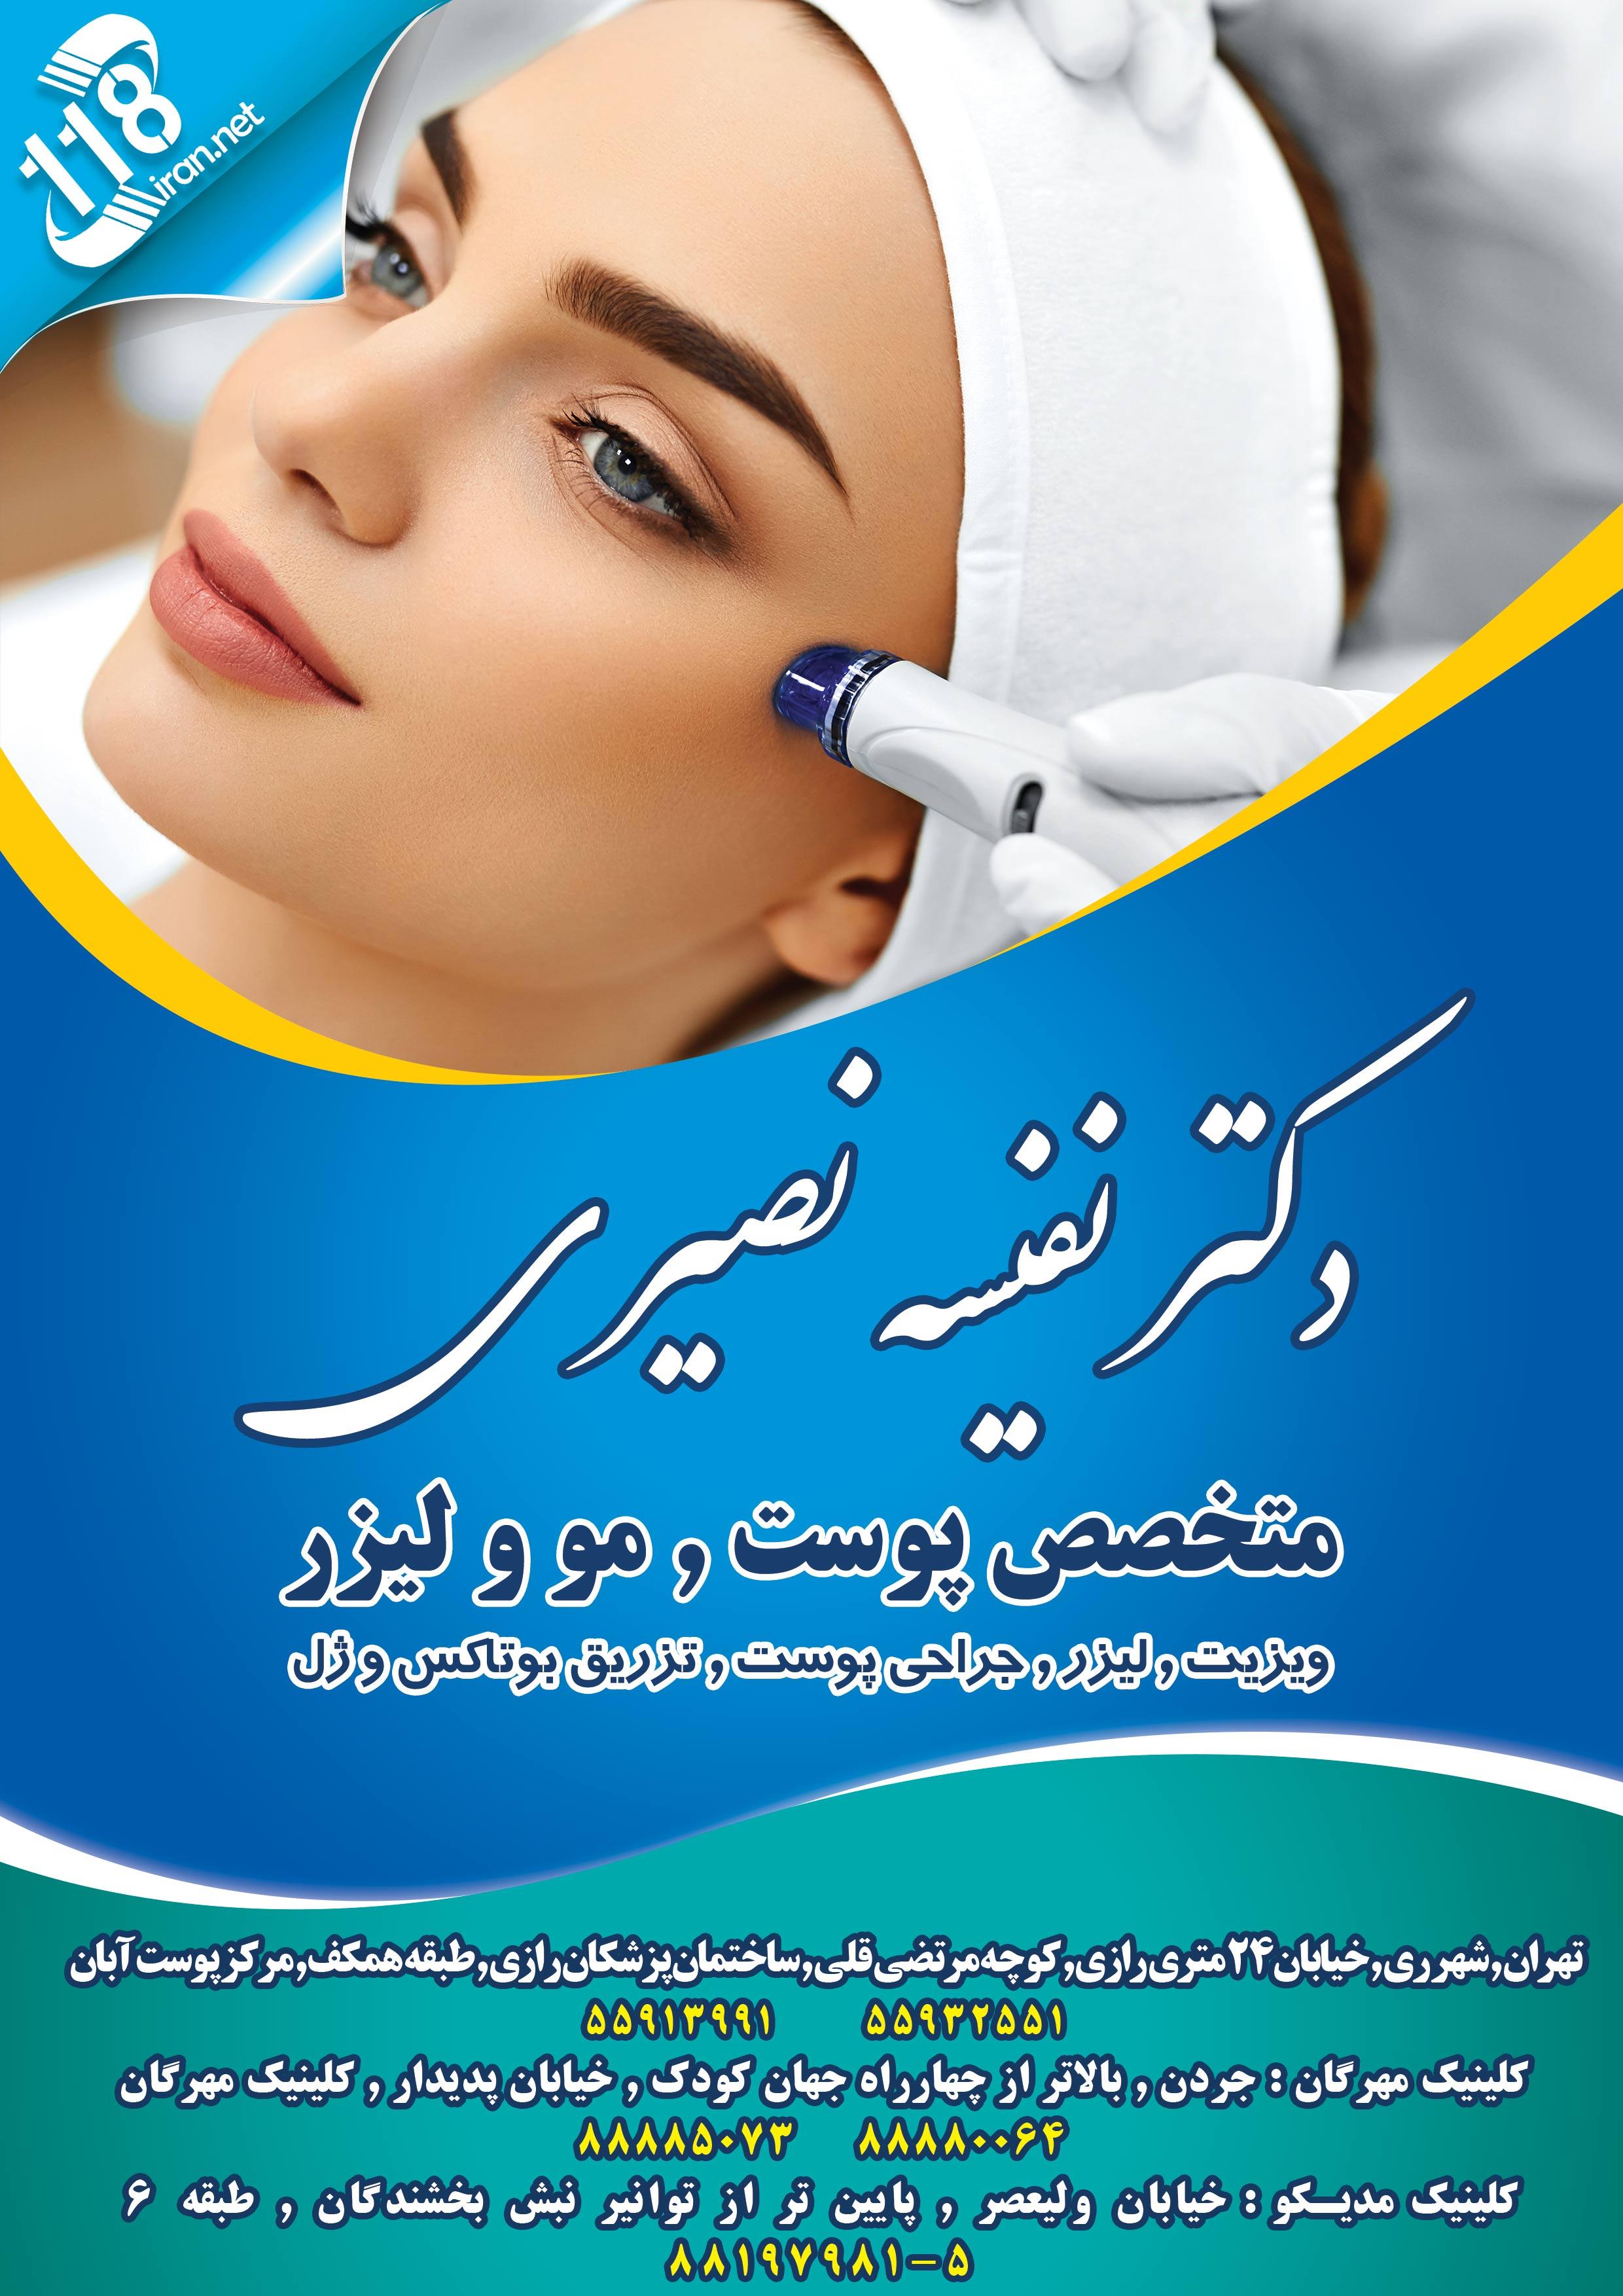 دکتر نفیسه نصیری در تهران